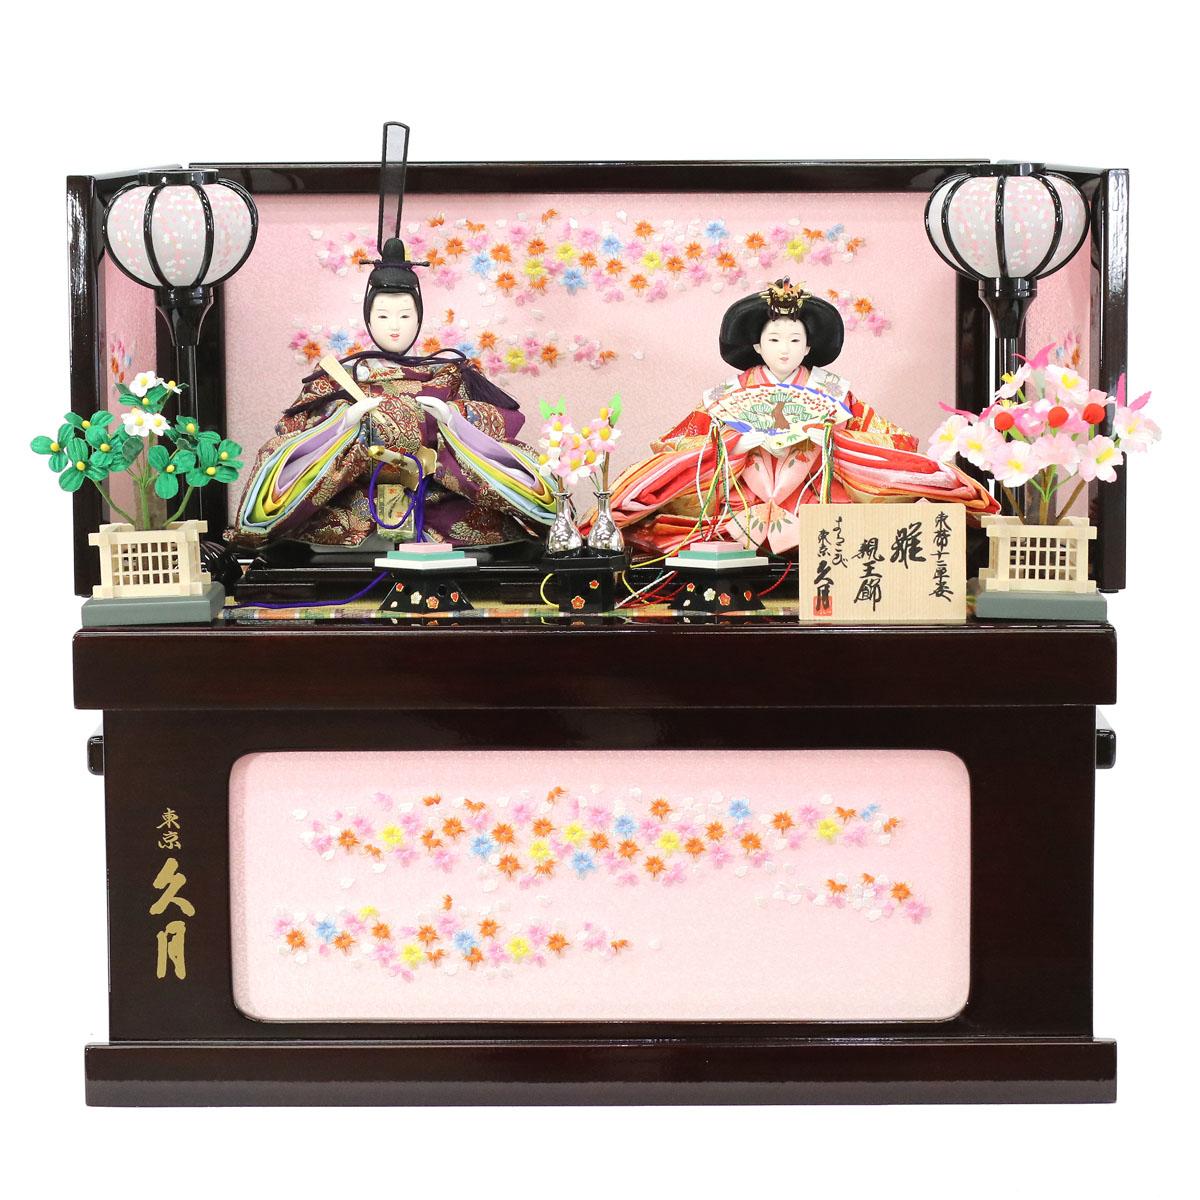 雛人形 久月 収納飾り 久月 収納飾り 小三五親王 雛人形 HNQ-S-31178Mひな人形 かわいい おしゃれ インテリア 雛 コンパクト収納飾り [P10]